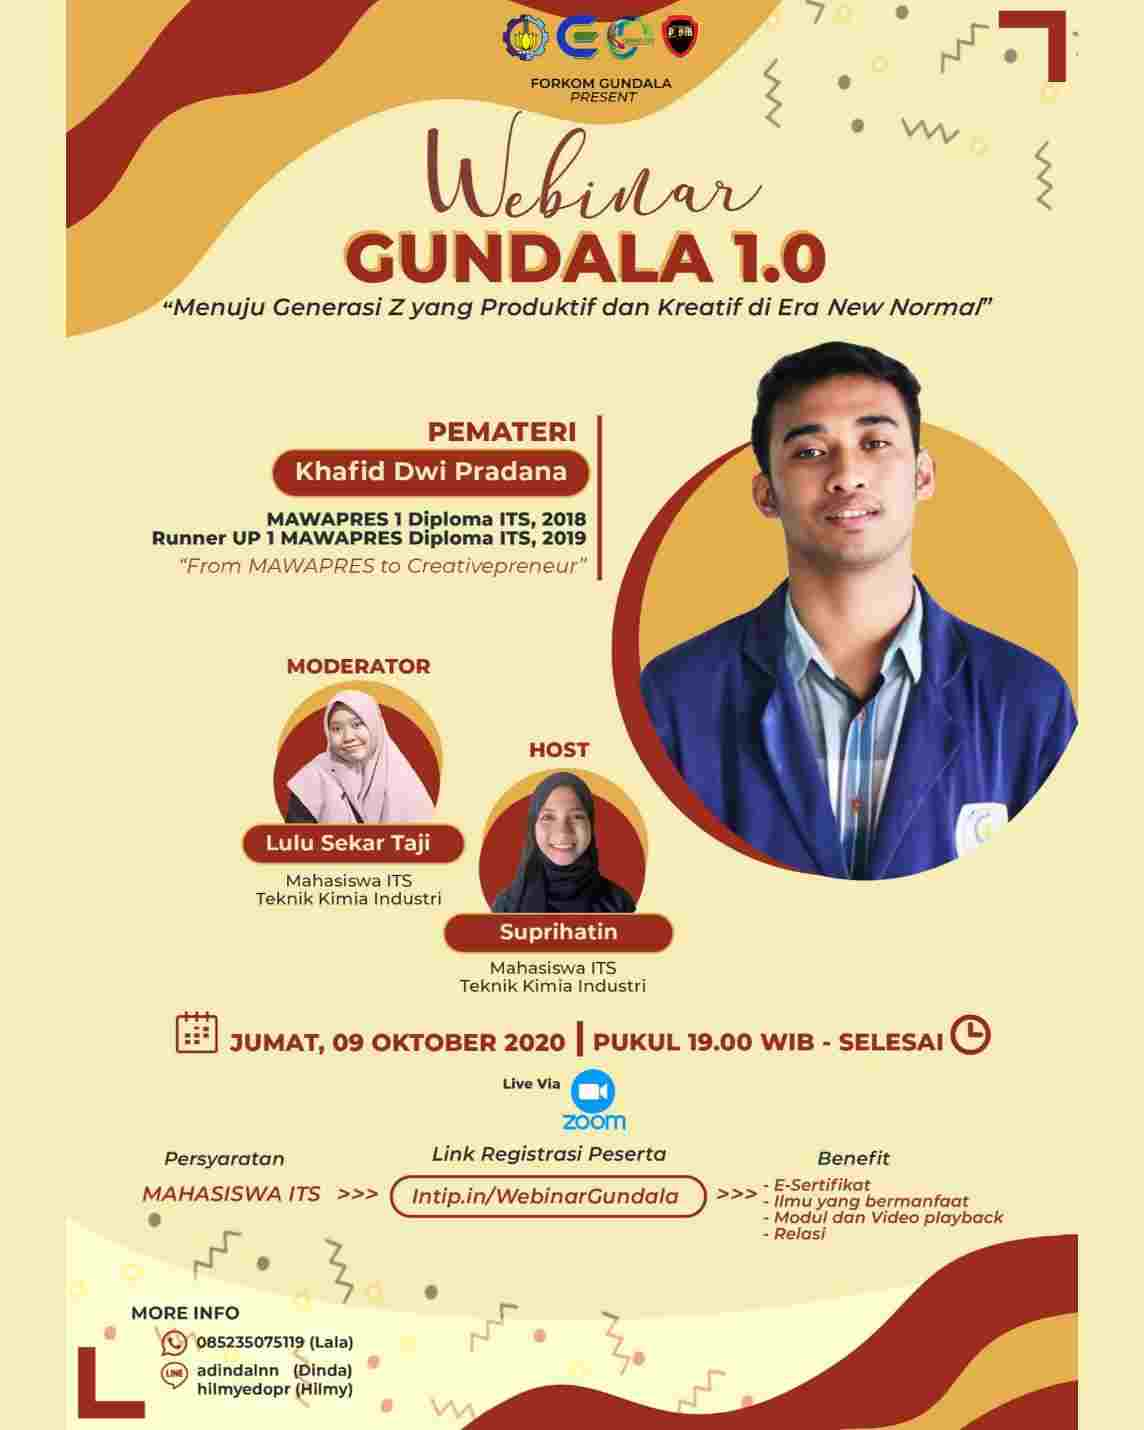 Webinar: Gundala 1.0